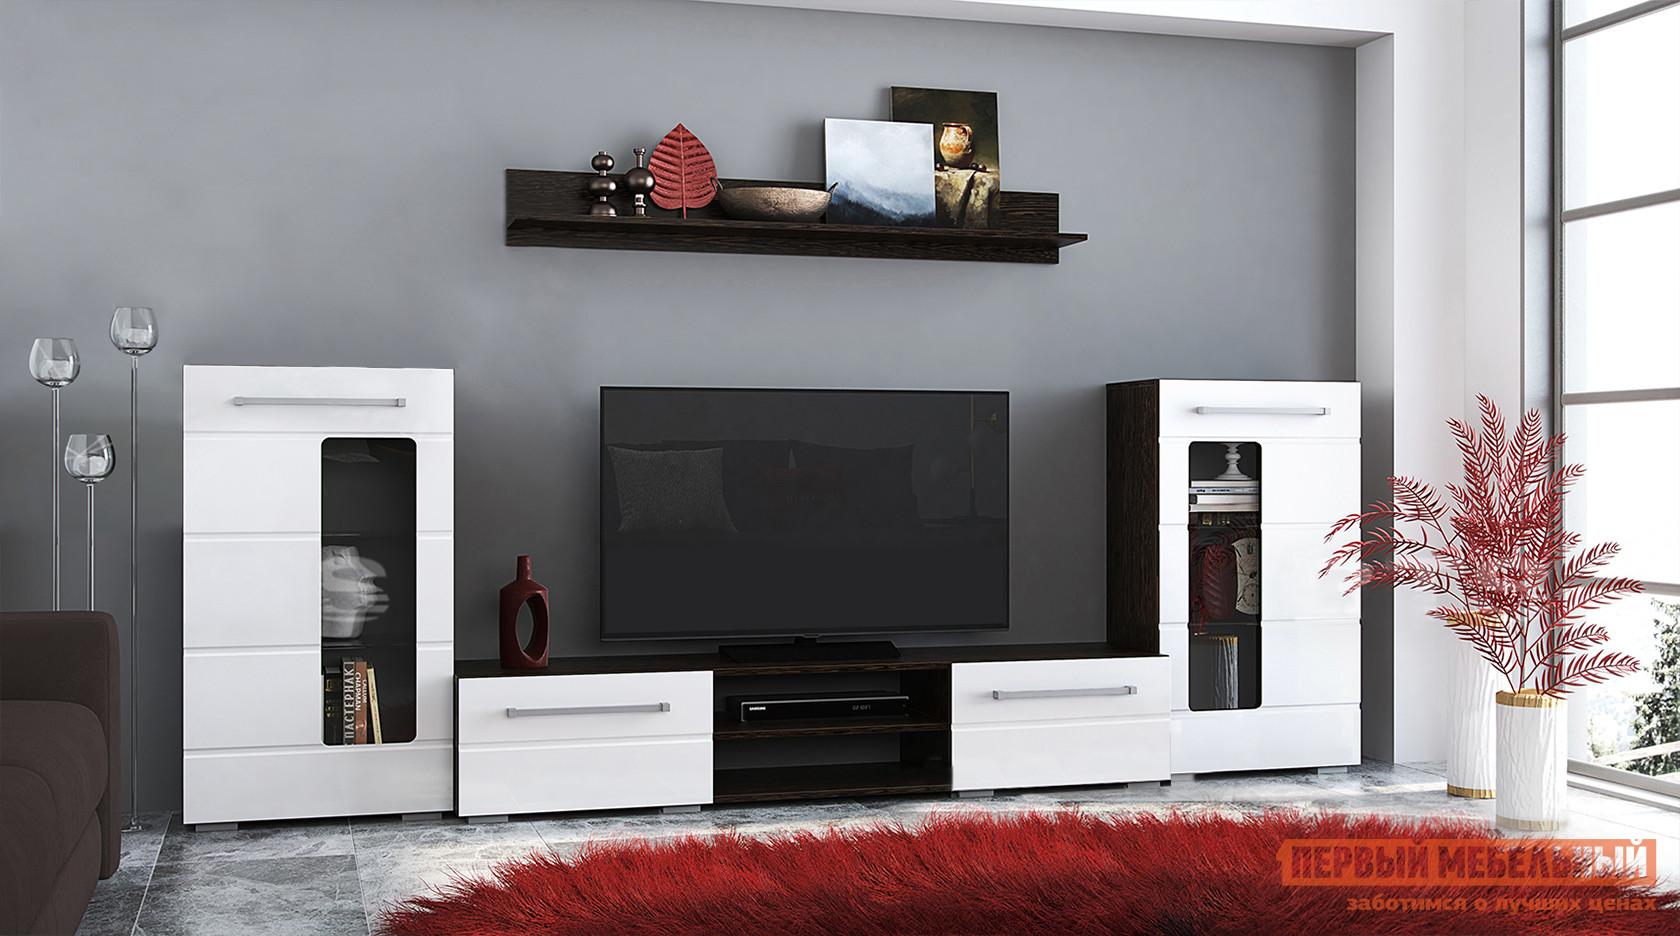 Гостиная Первый Мебельный Милан ГС К2 цена и фото